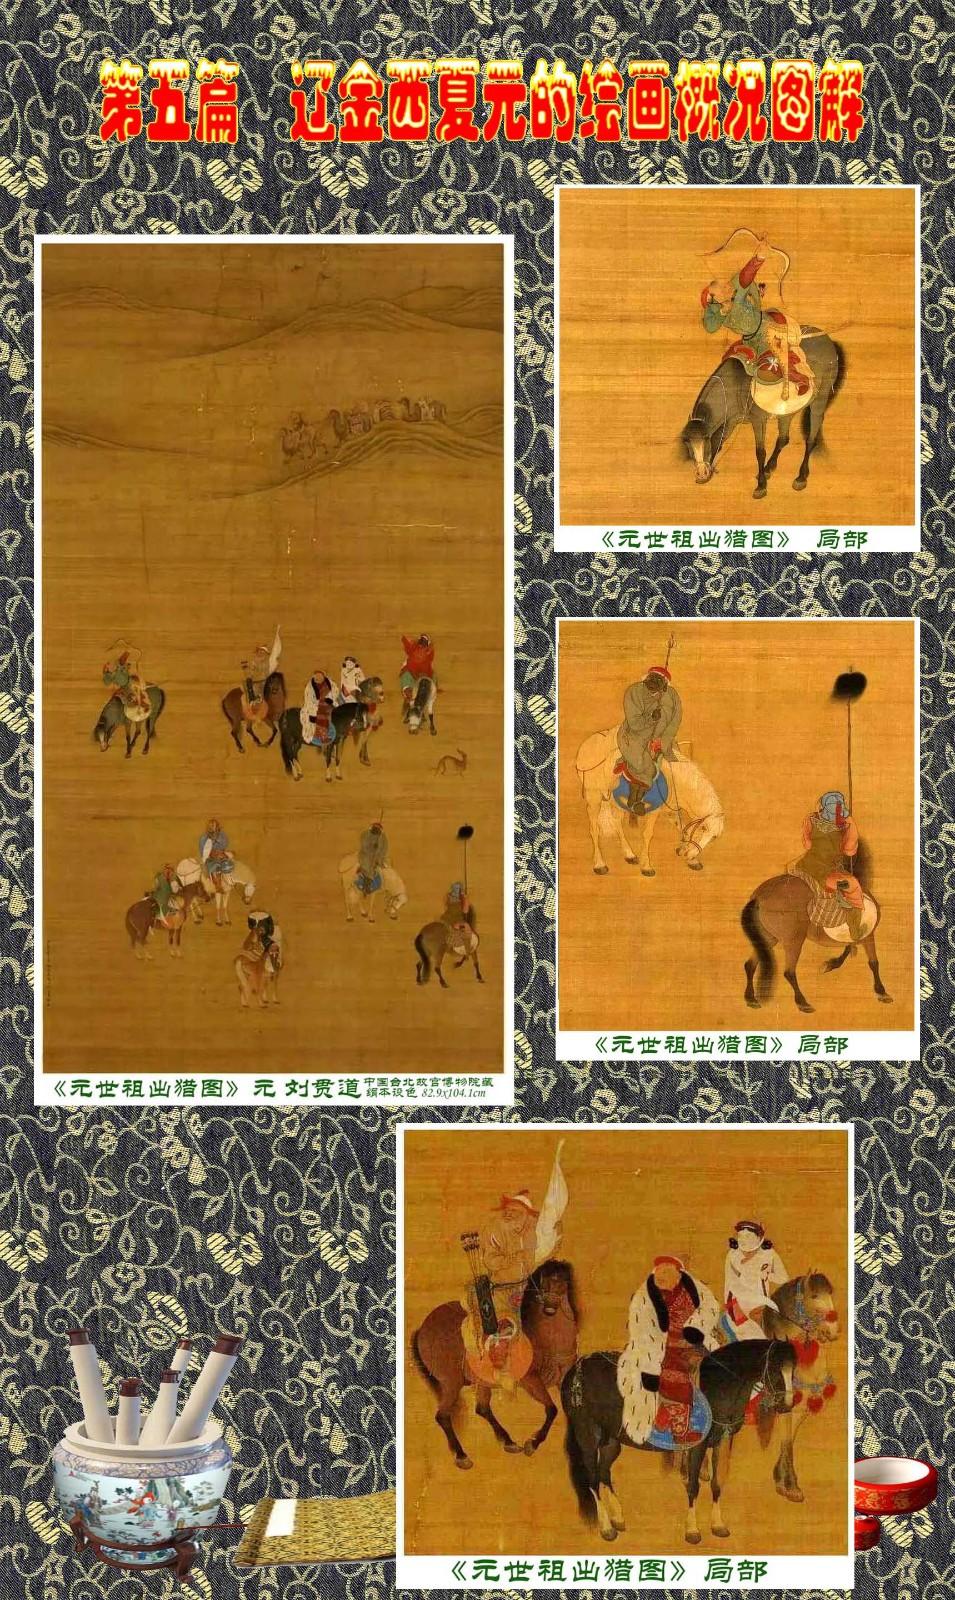 顾绍骅编辑 中国画知识普及版 第五篇 辽金西夏元的绘画概况 下 ... ..._图1-15